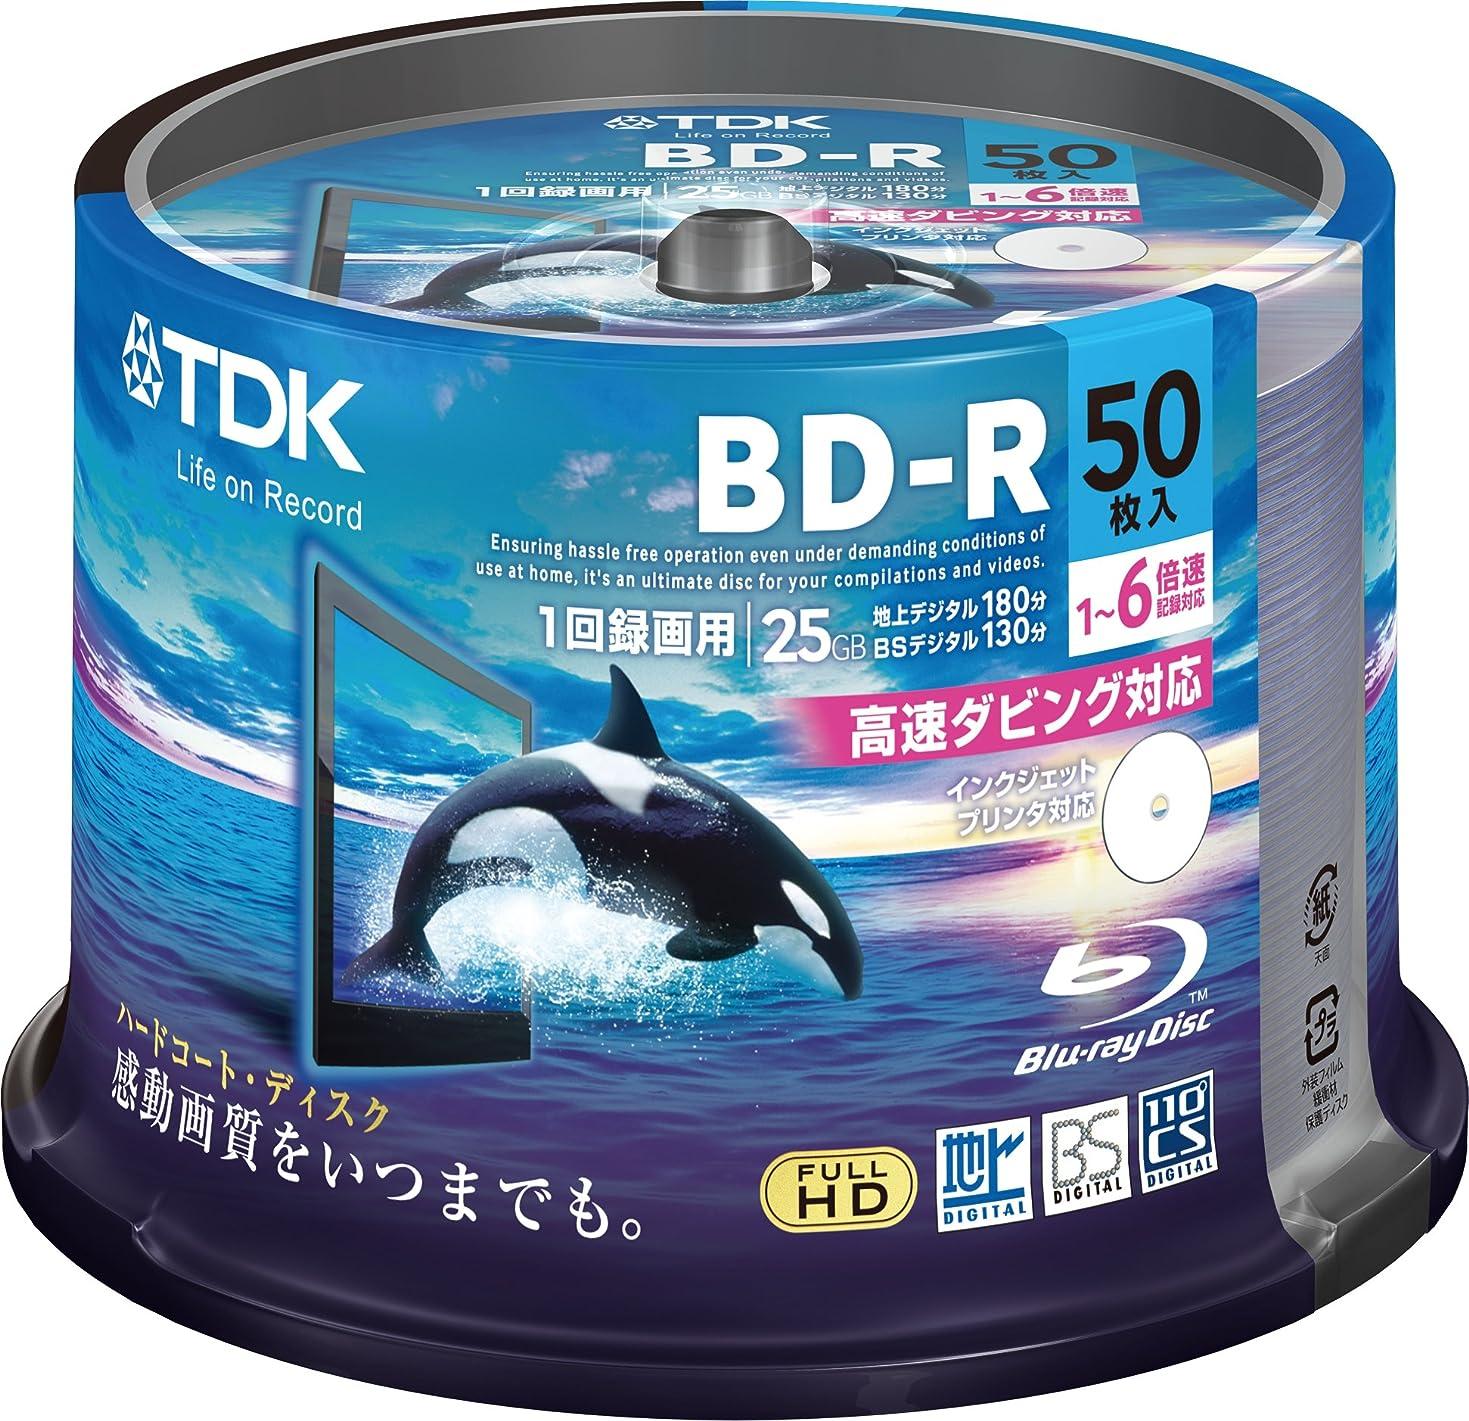 精査する近所のアプローチmaxell 録画用ブルーレイディスク BD-R 130分 (1~4倍速対応) インクジェットプリンター対 BR25VFWPB.50SP 1